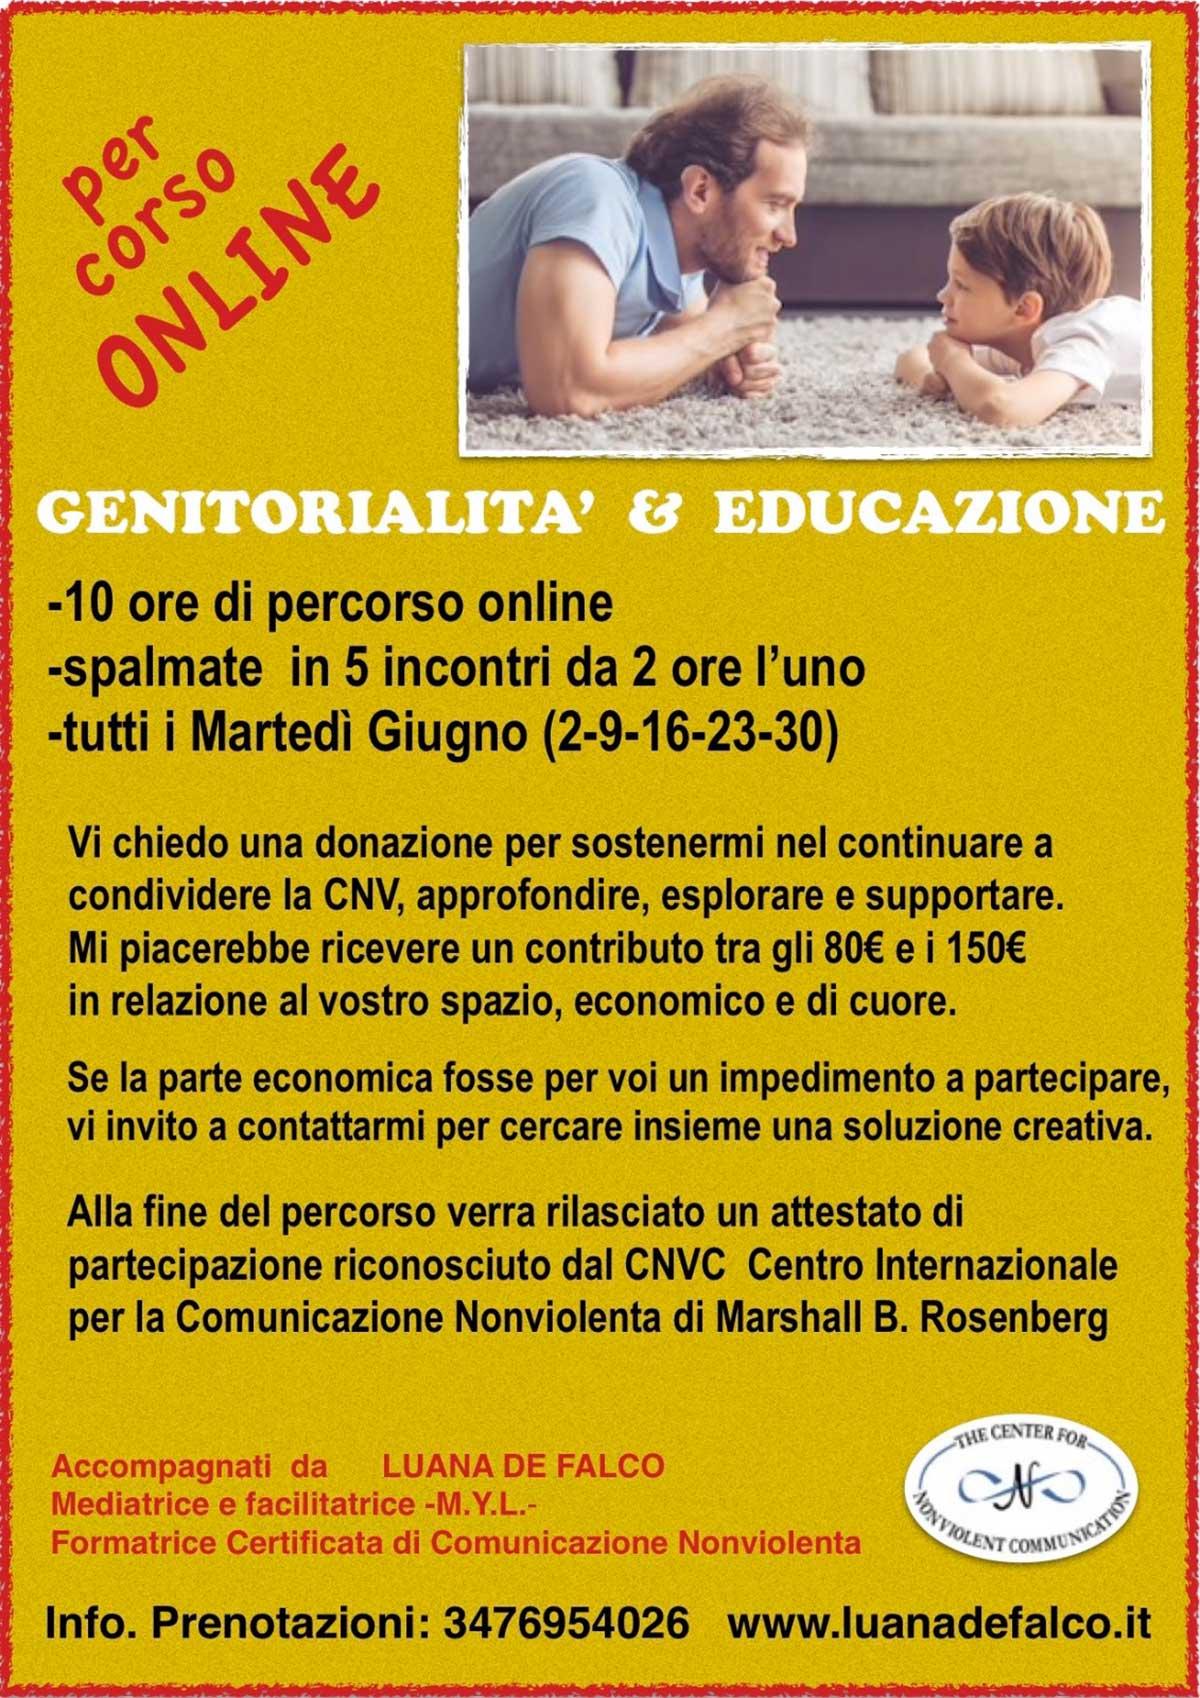 genitorialita-educazione-corso-online